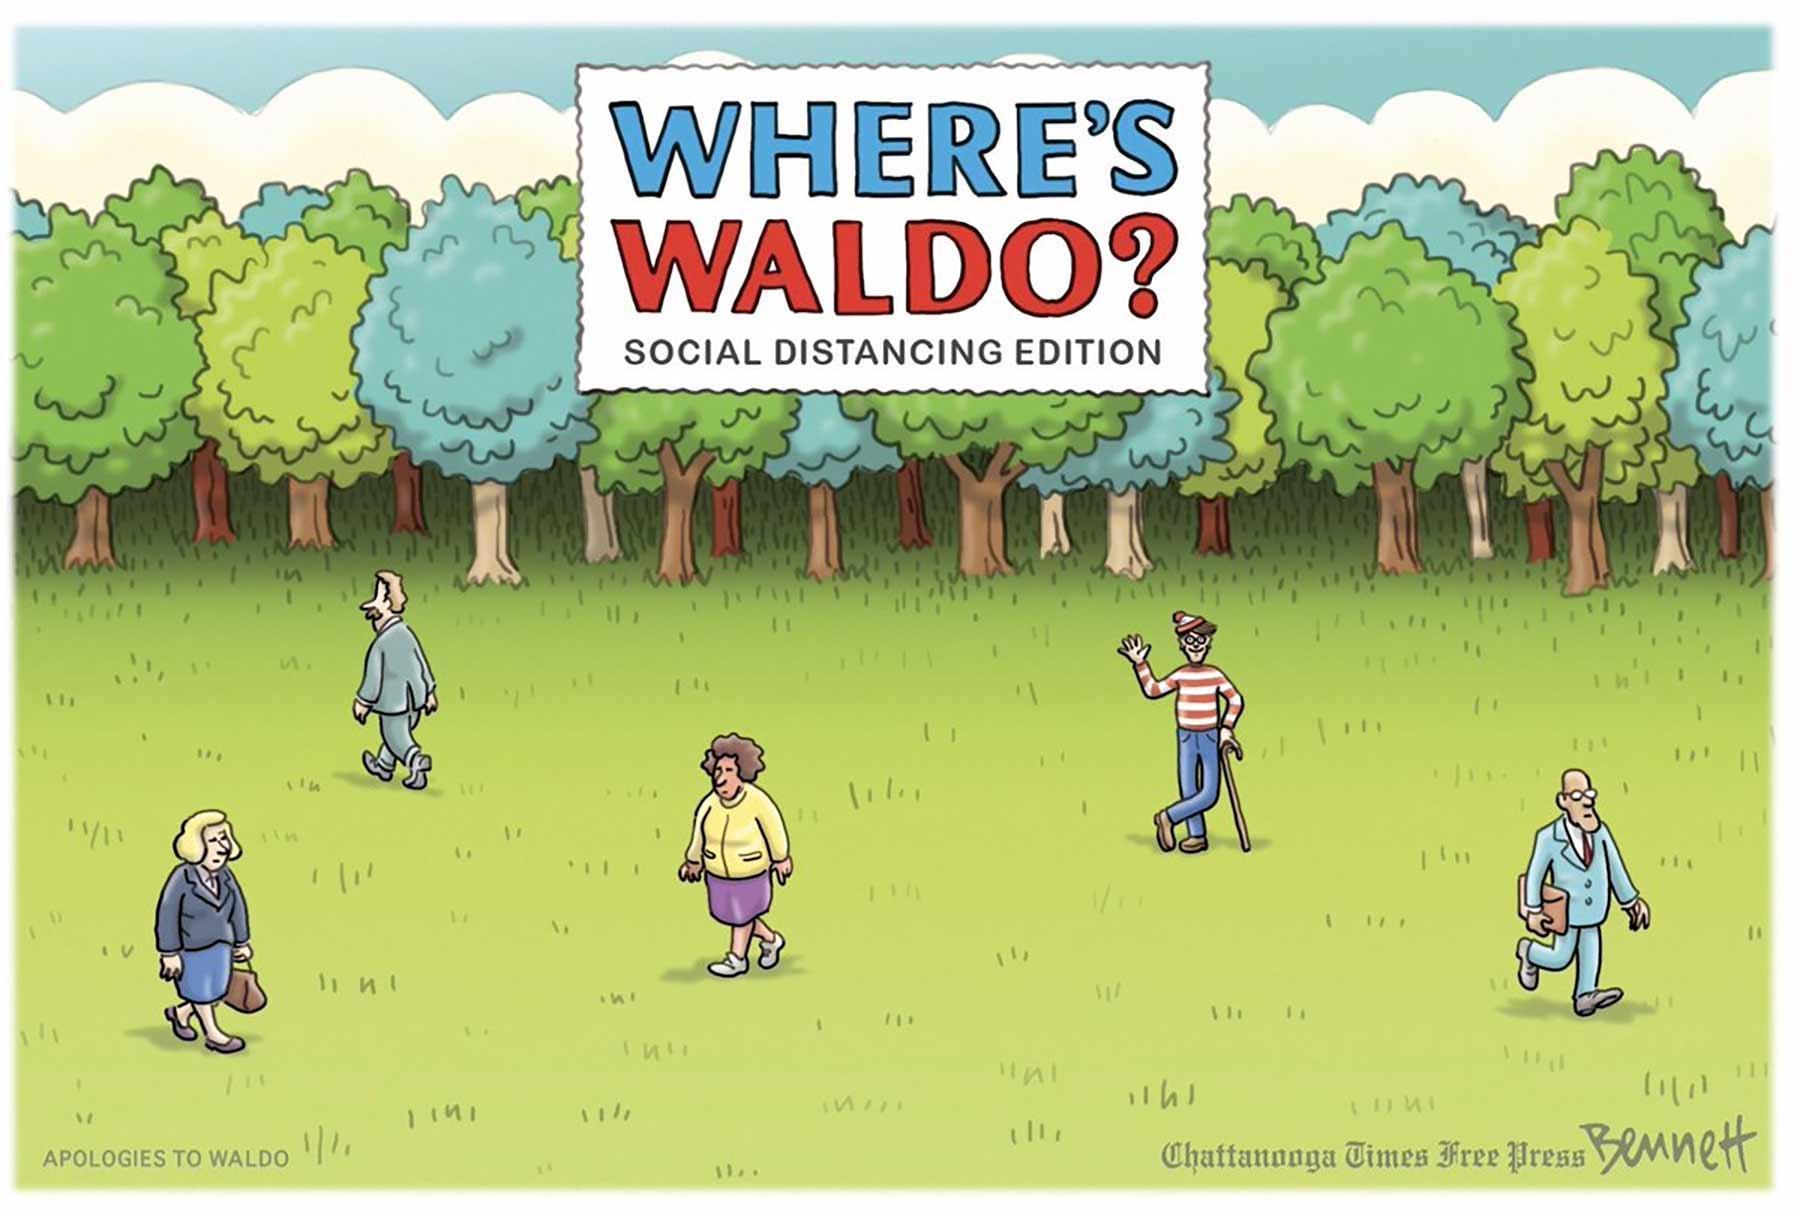 Where's Waldo, socially distancing version